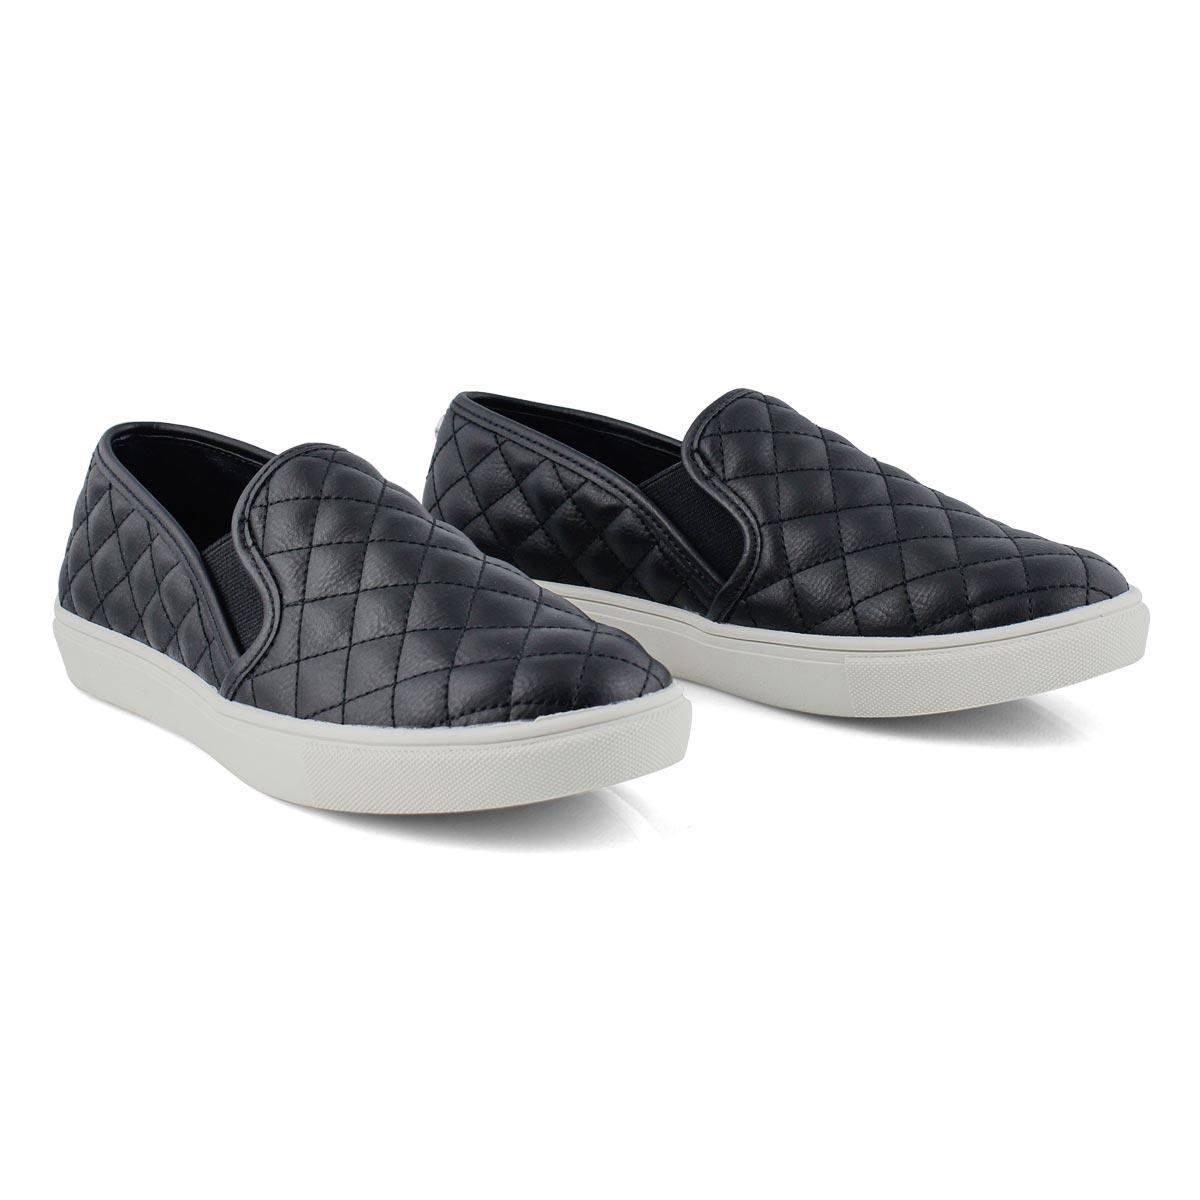 Shoes Women Softmoc